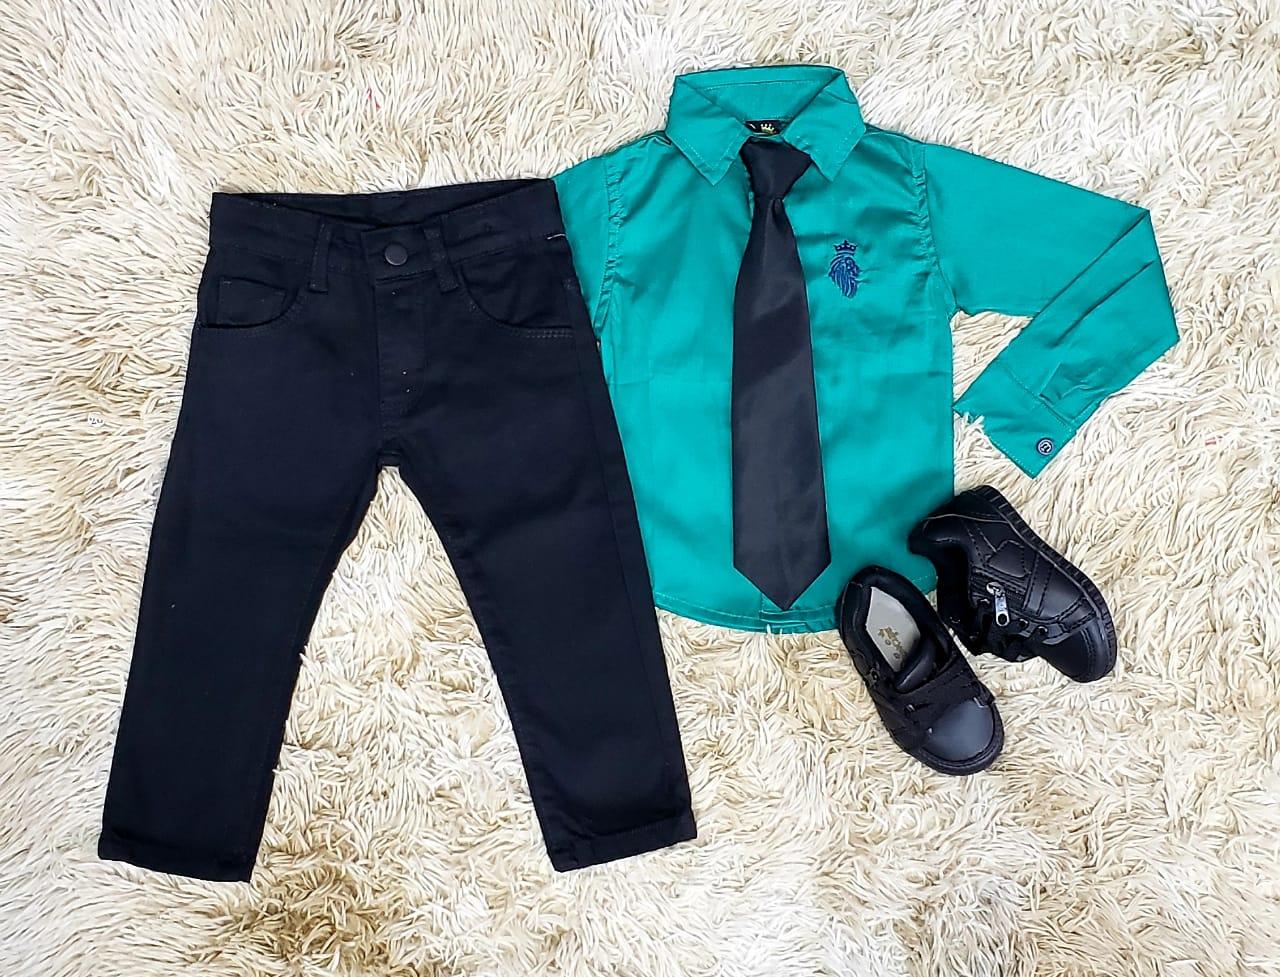 Calça Jeans Preta e Camisa Manga Longa Verde com Gravata